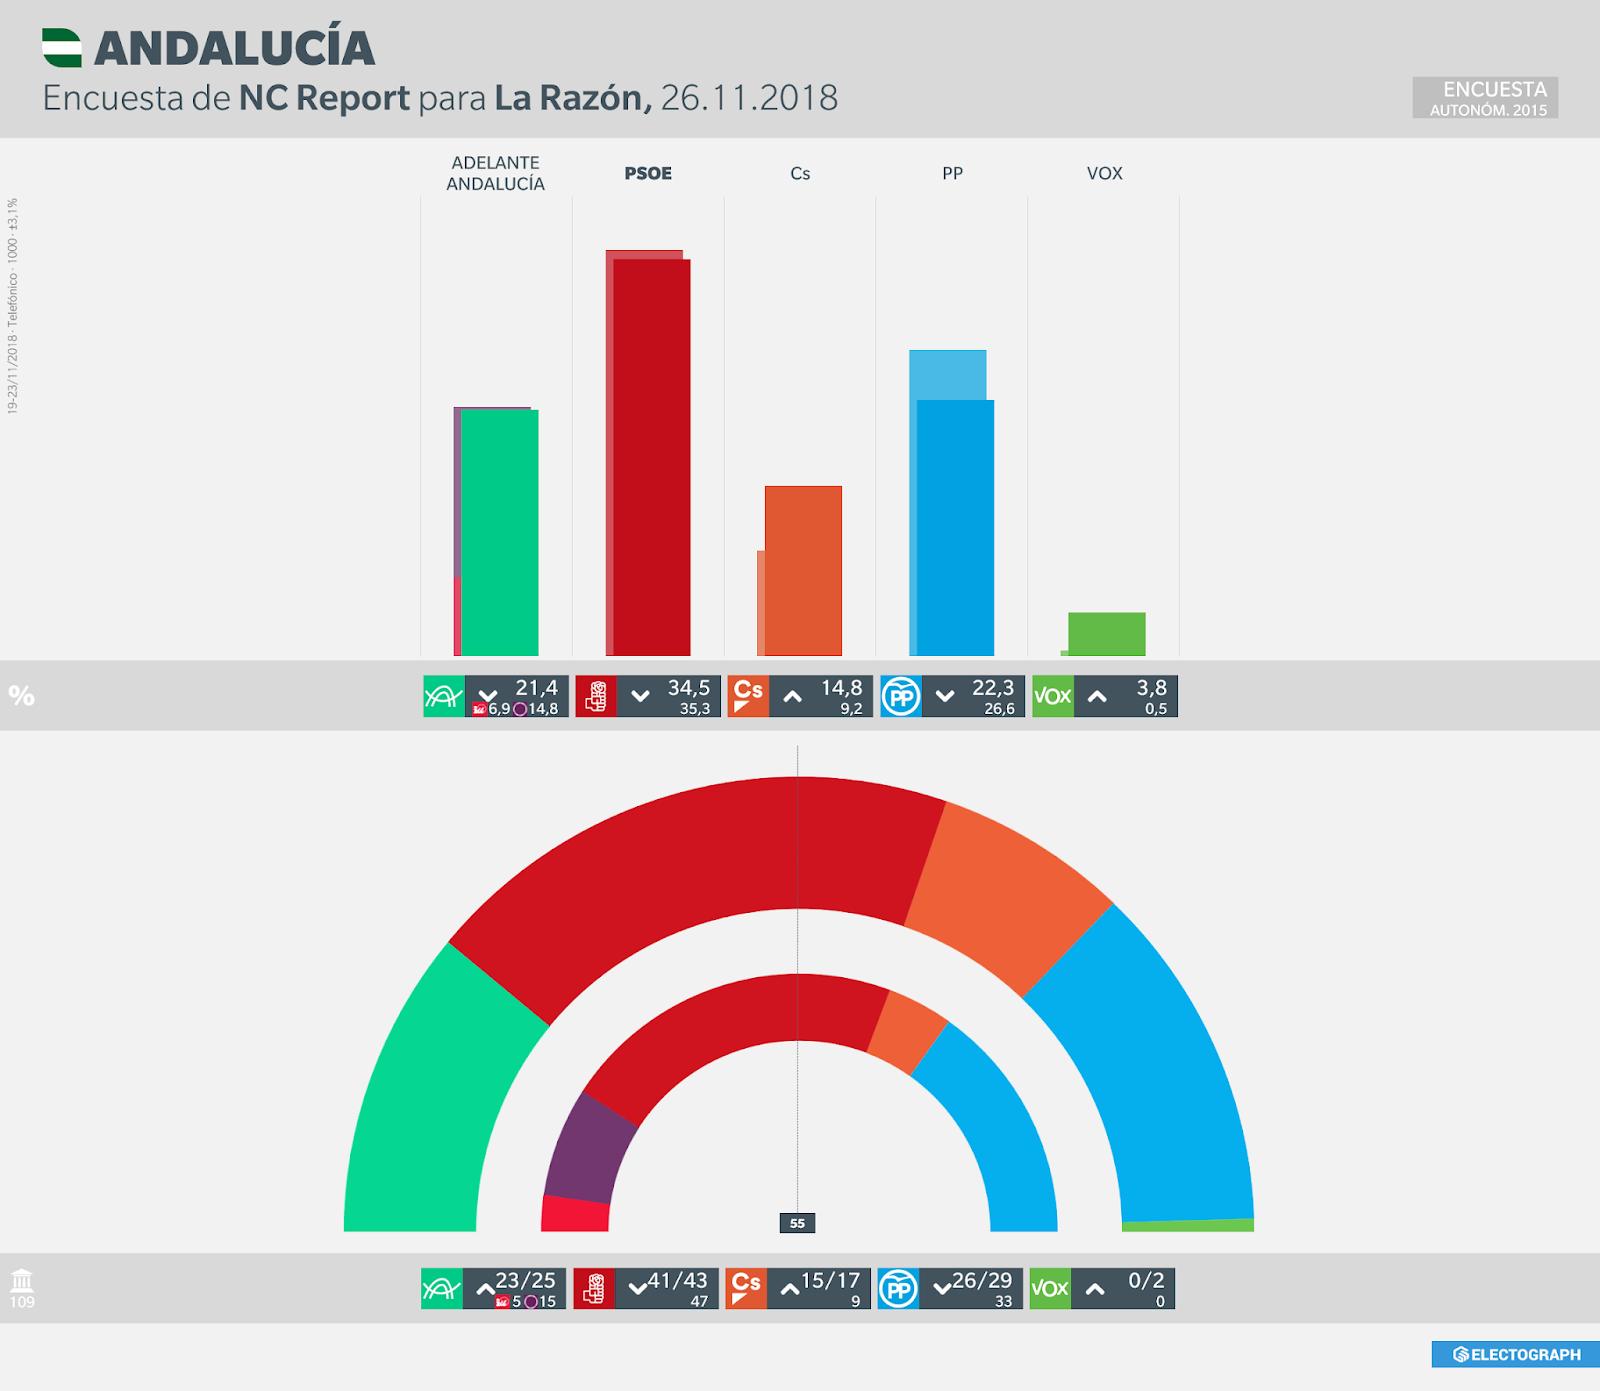 Gráfico de la encuesta para elecciones autonómicas en Andalucía realizada por NC Report para La Razón en noviembre de 2018